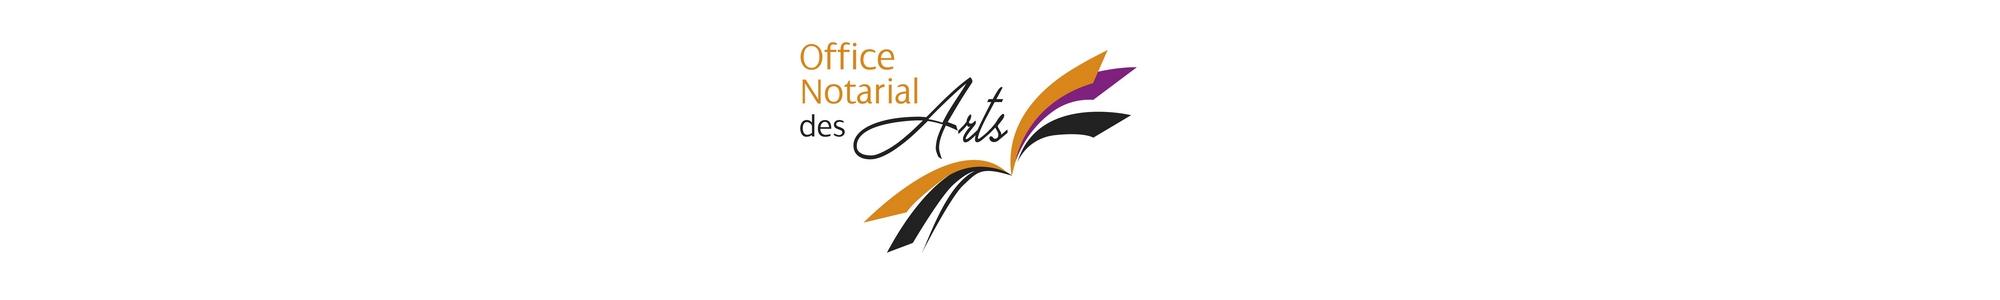 office notarial des arts maubeuge la longueville